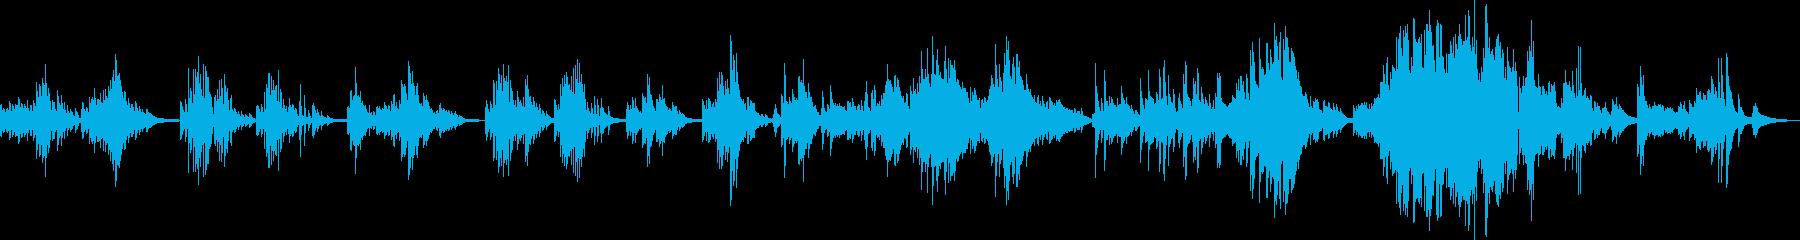 取返しのつかない過ち(ピアノソロ曲)の再生済みの波形